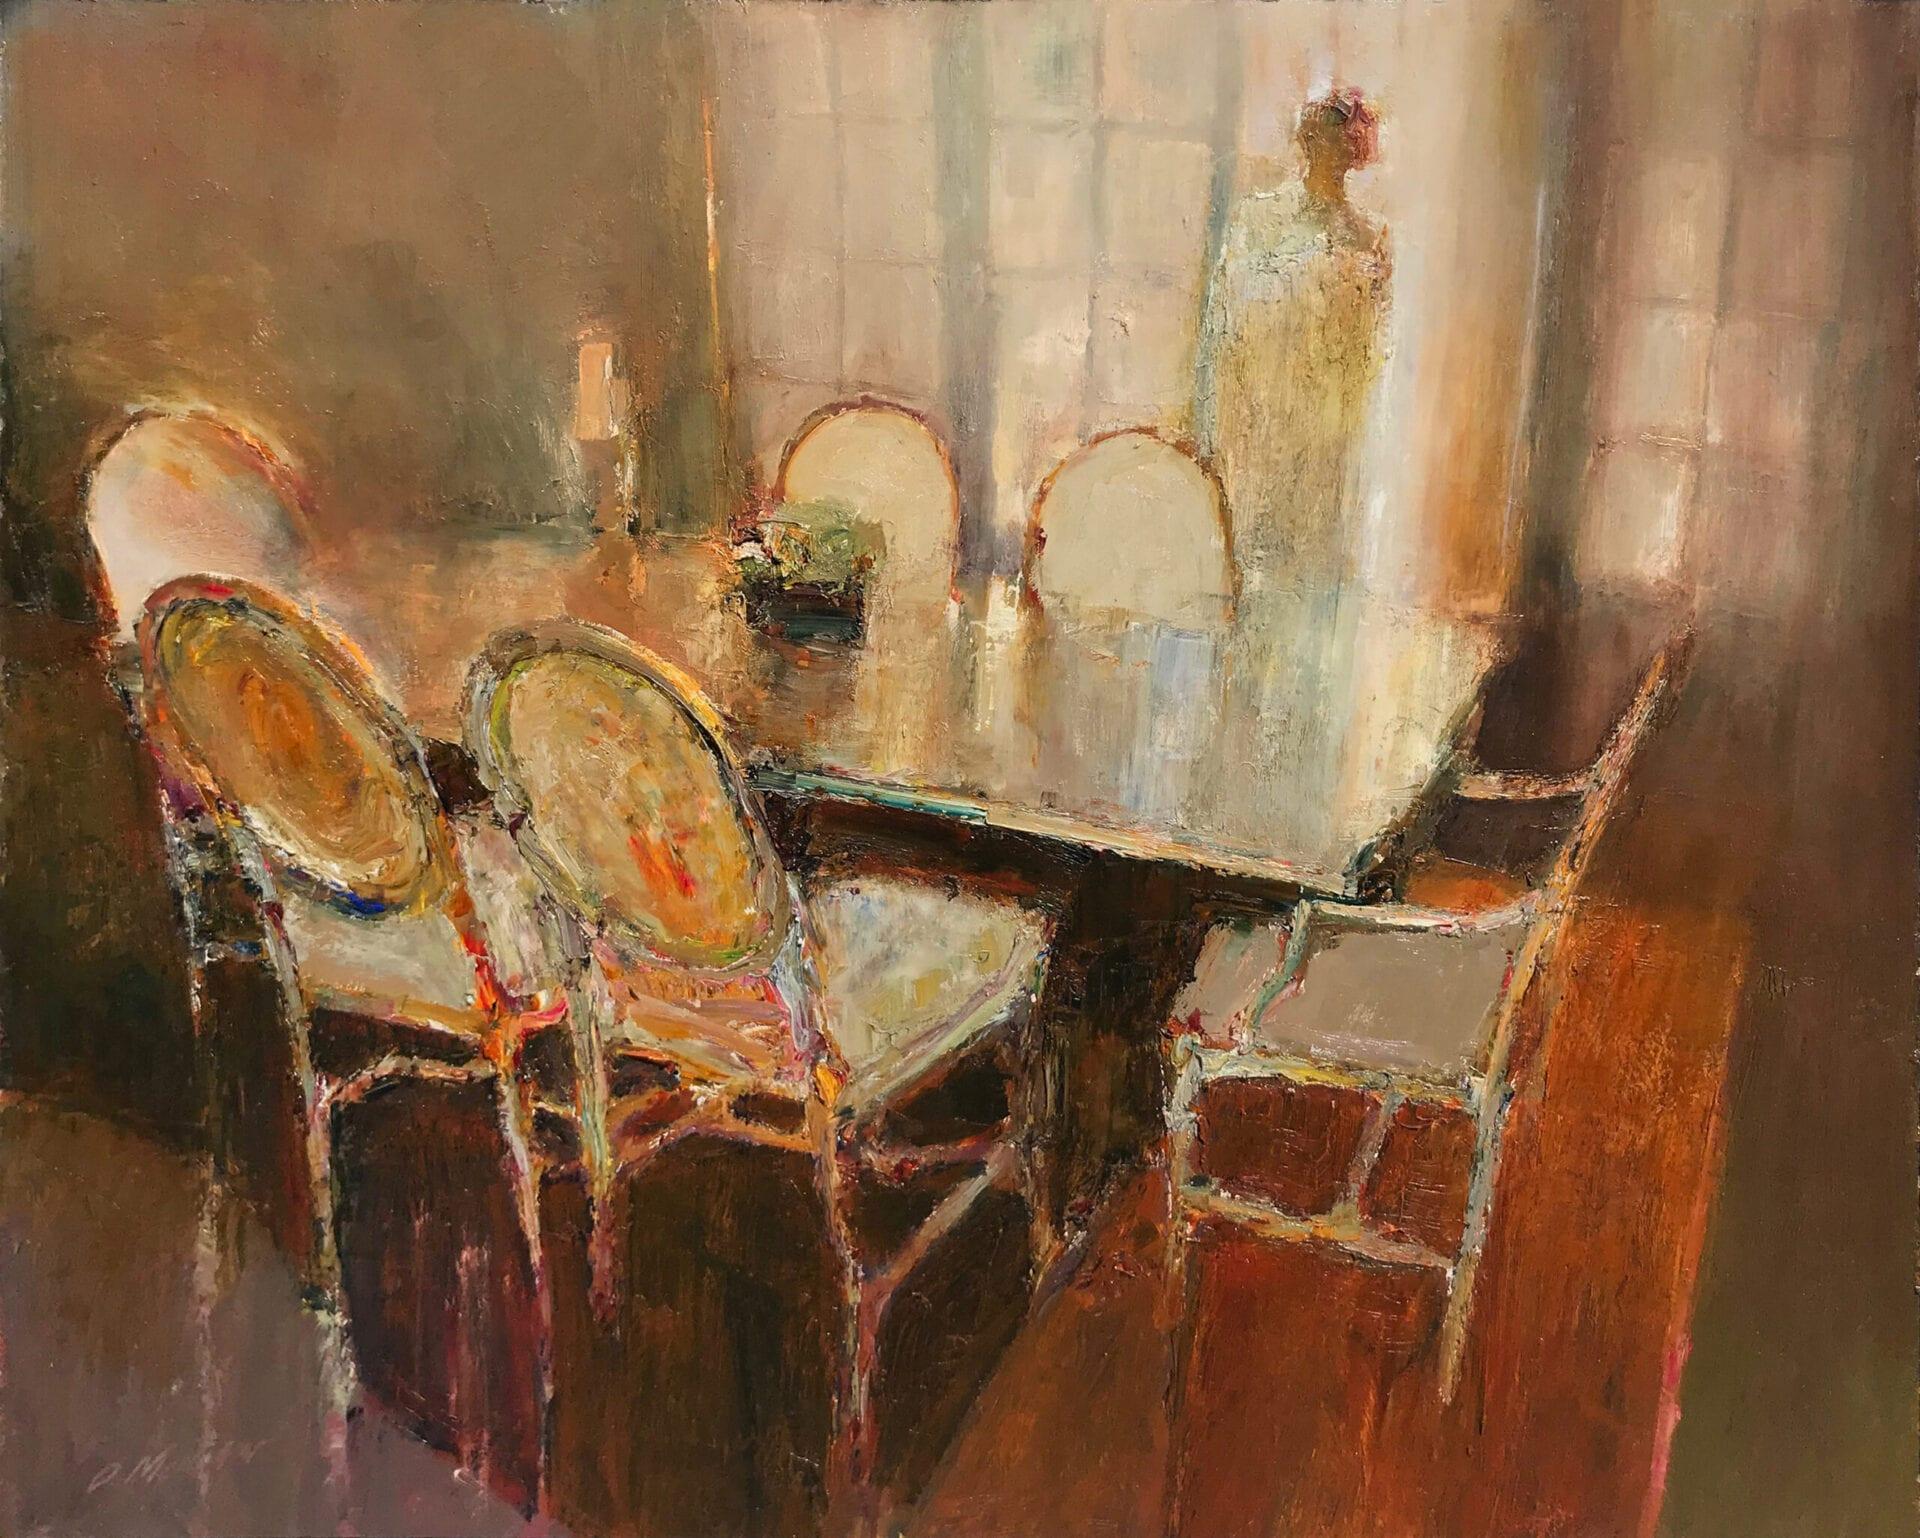 Dan McCaw - The Table